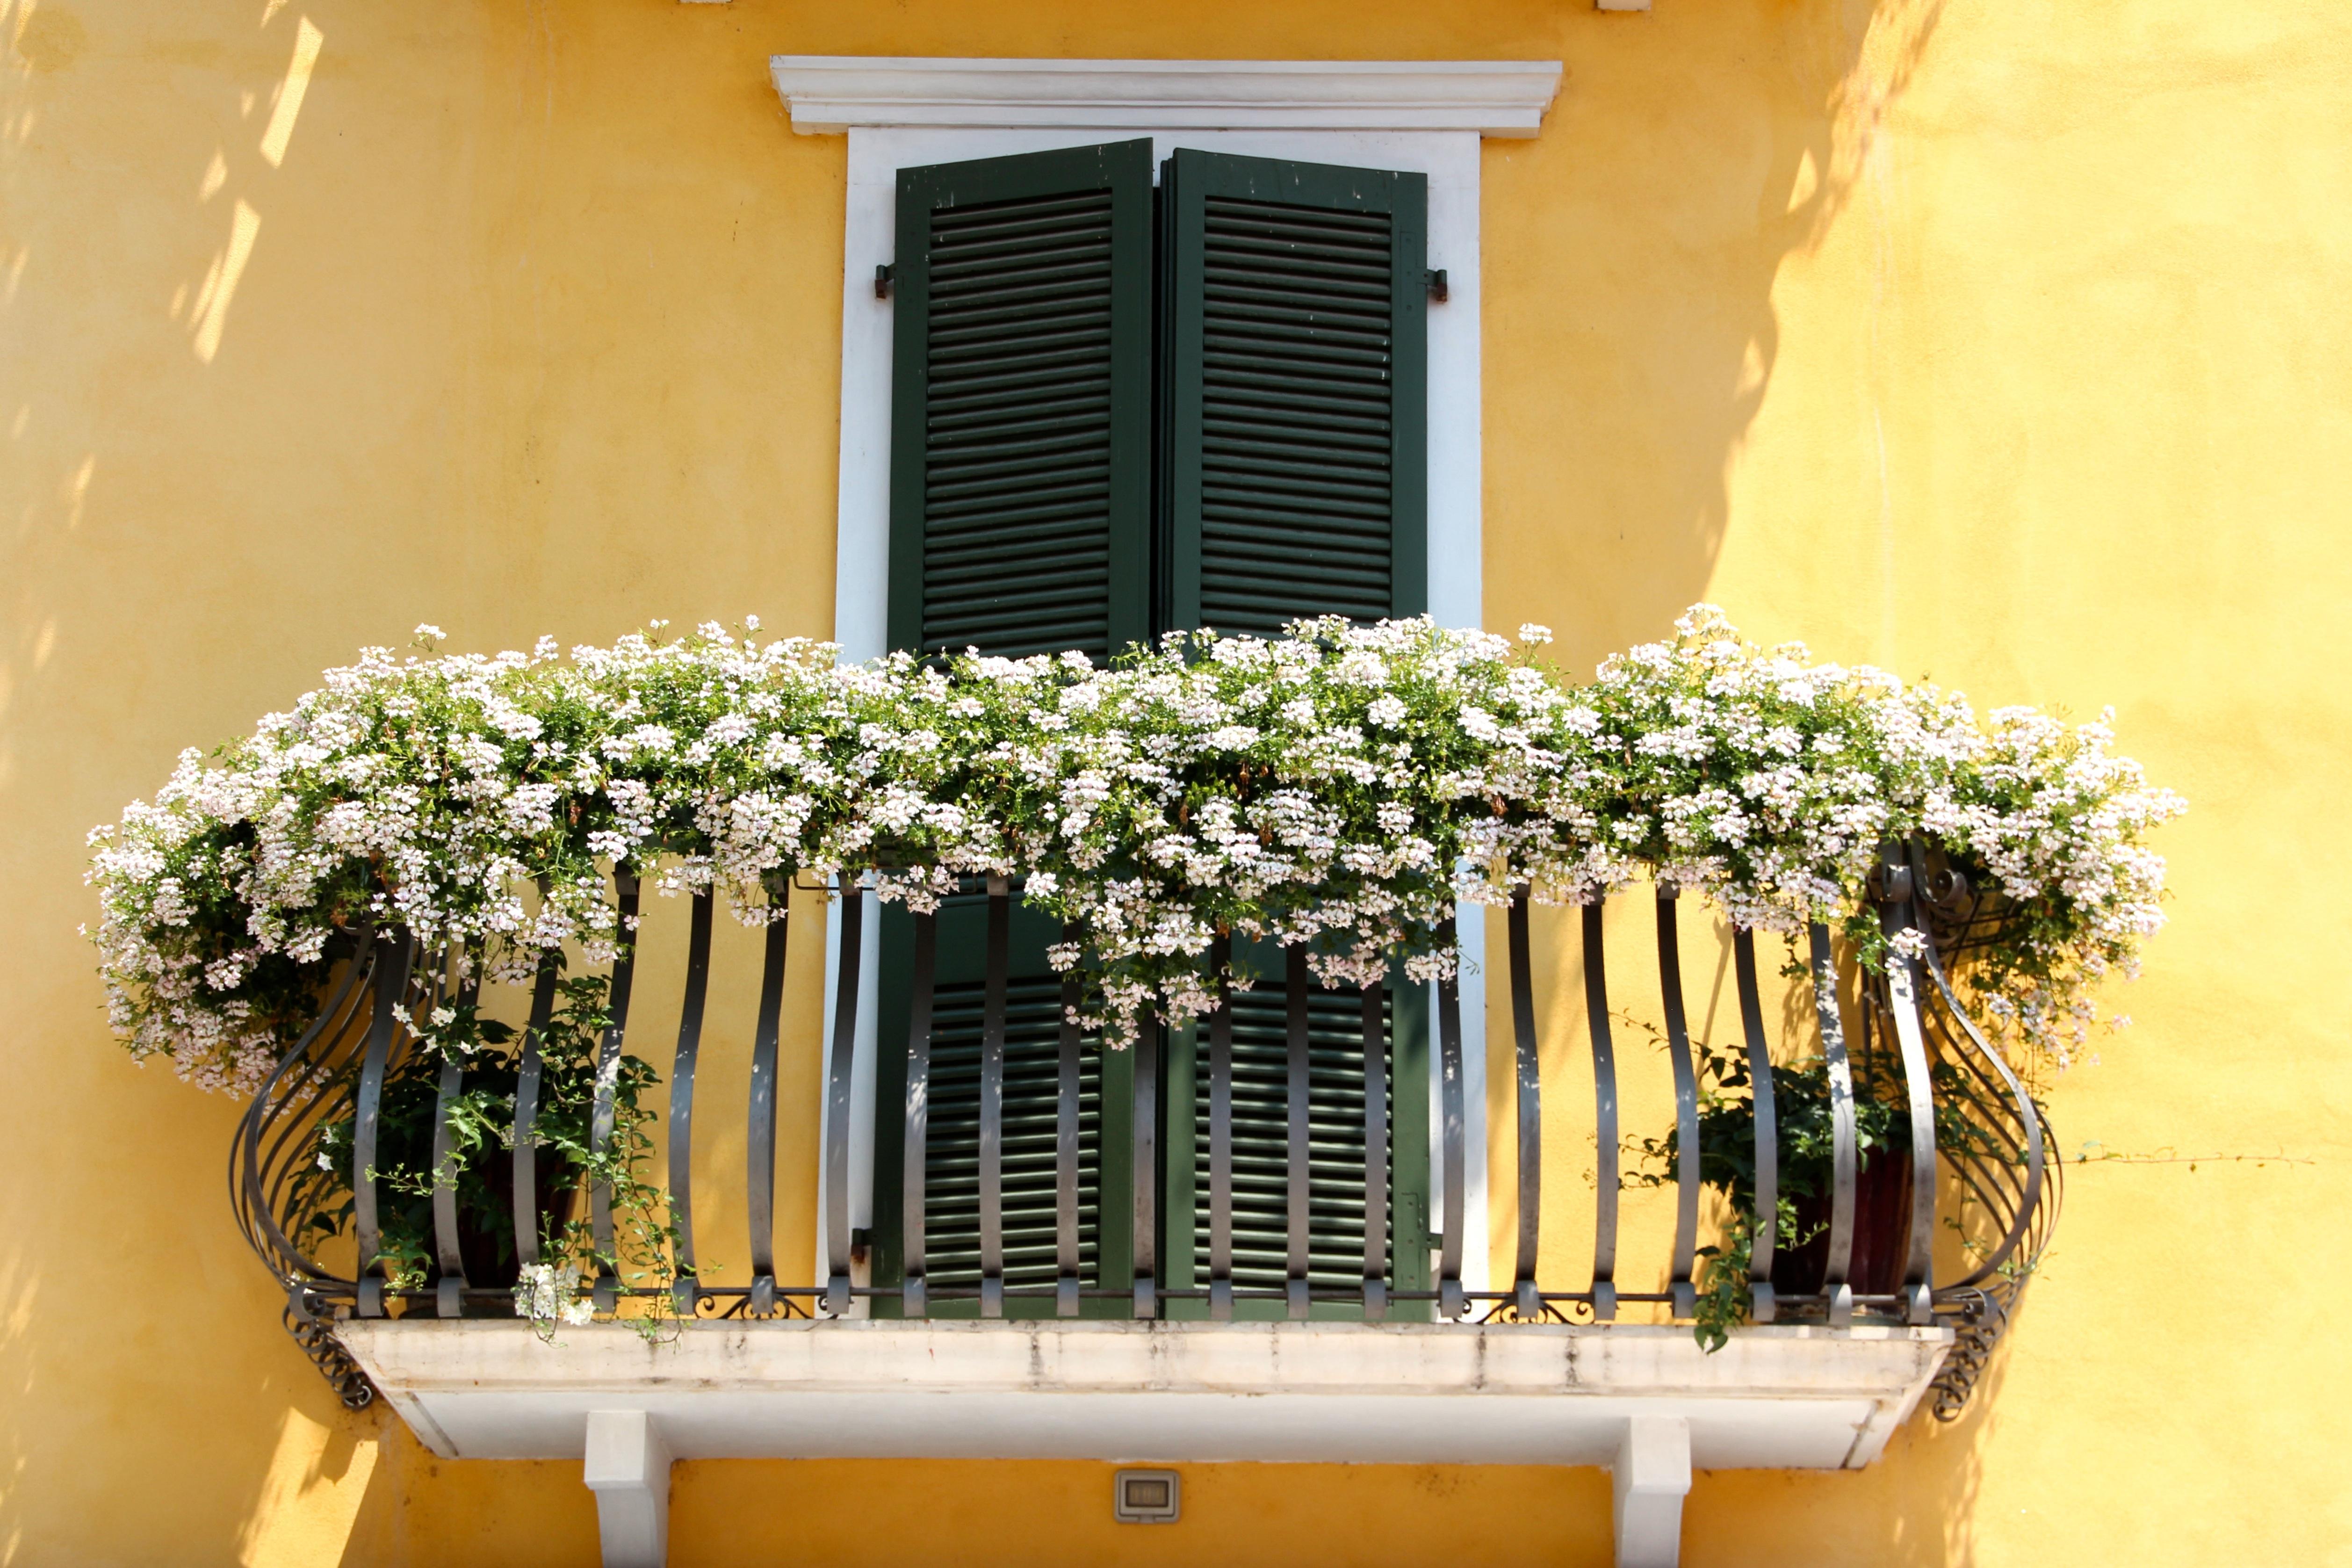 Картинки : цветок, окно, главная, балкон, рыжих, цветы, диза.